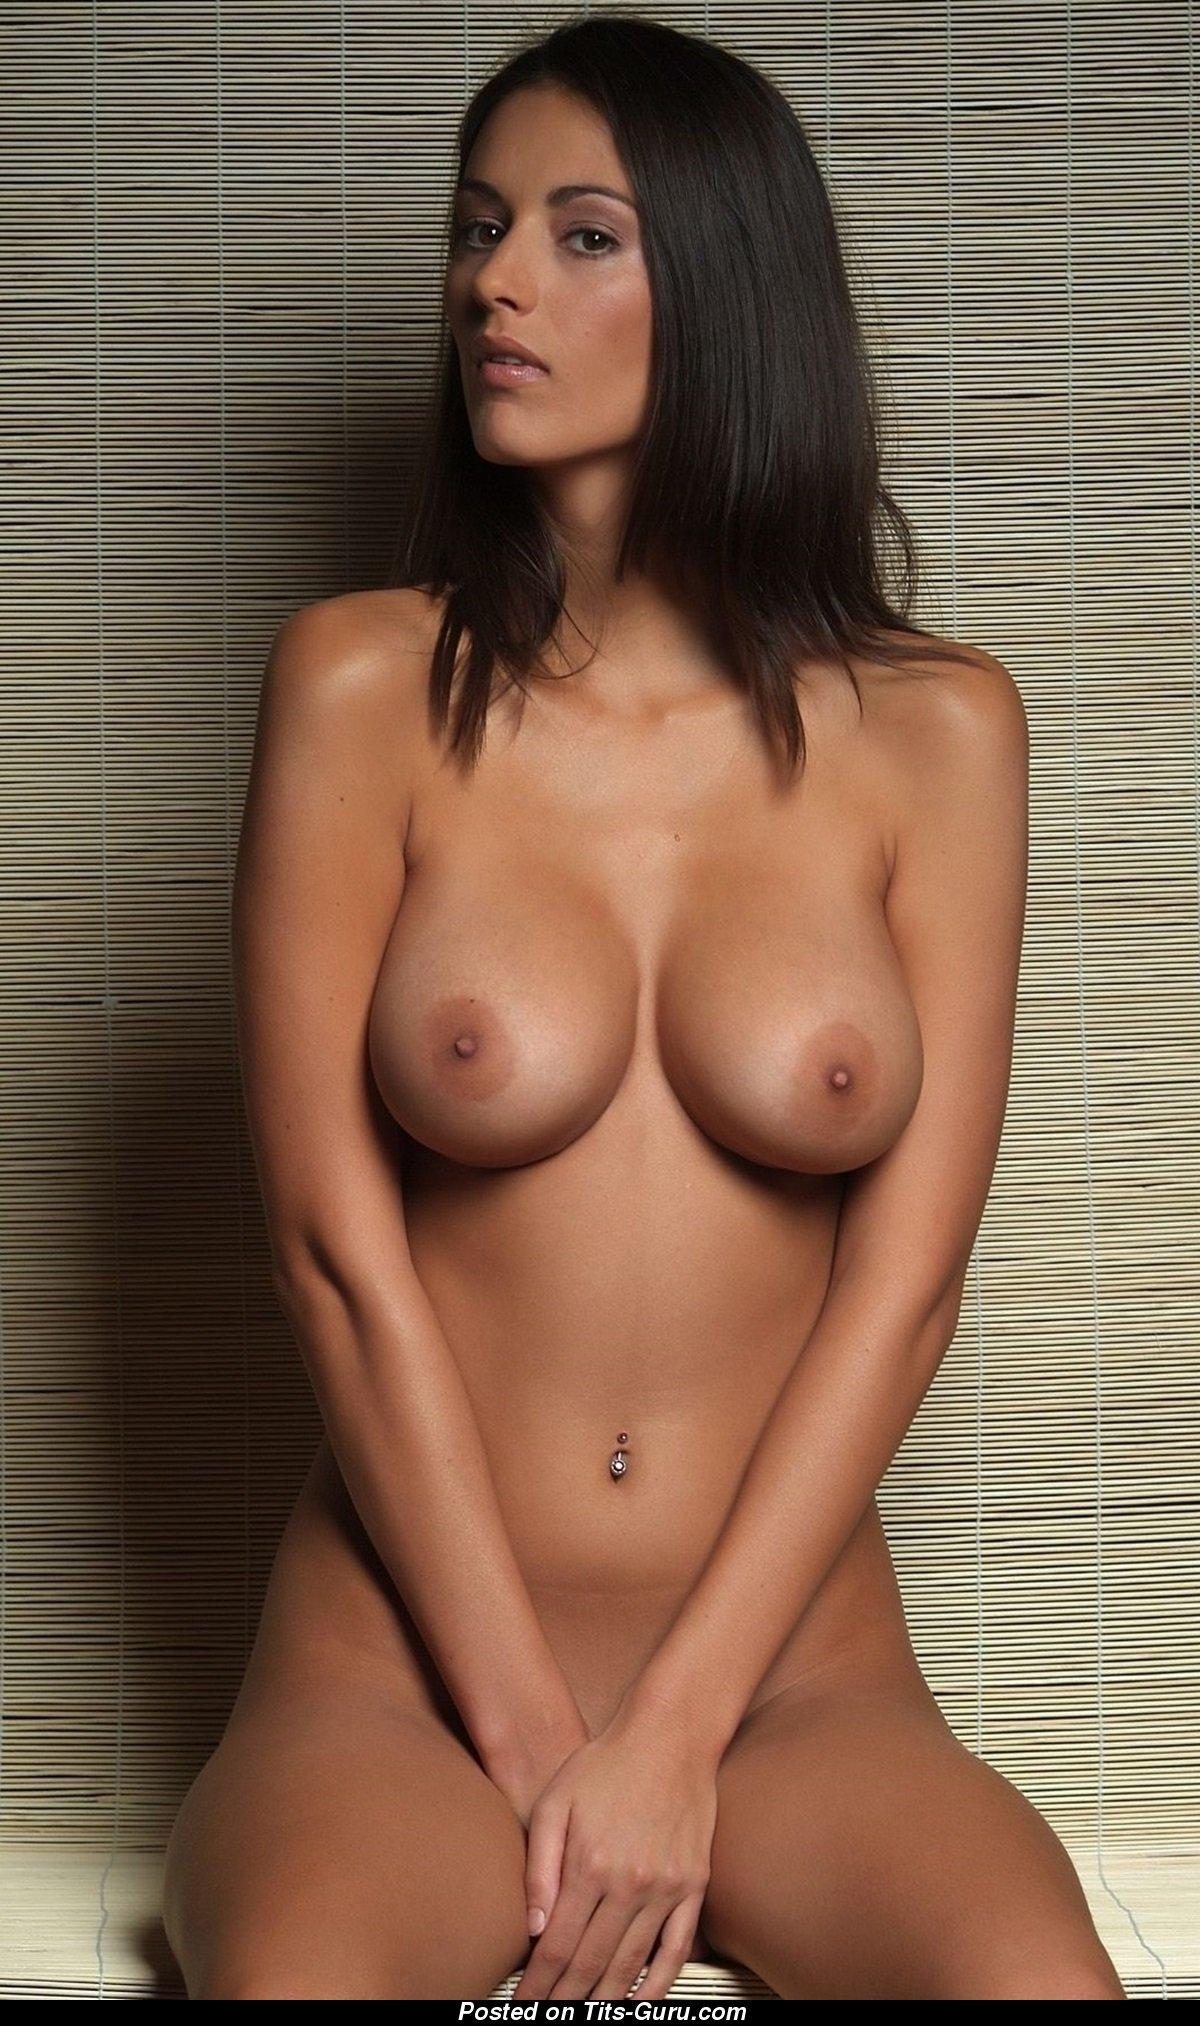 Zsuzsanna Ripli - Exquisite Miss With Exquisite Exposed Dd -3640